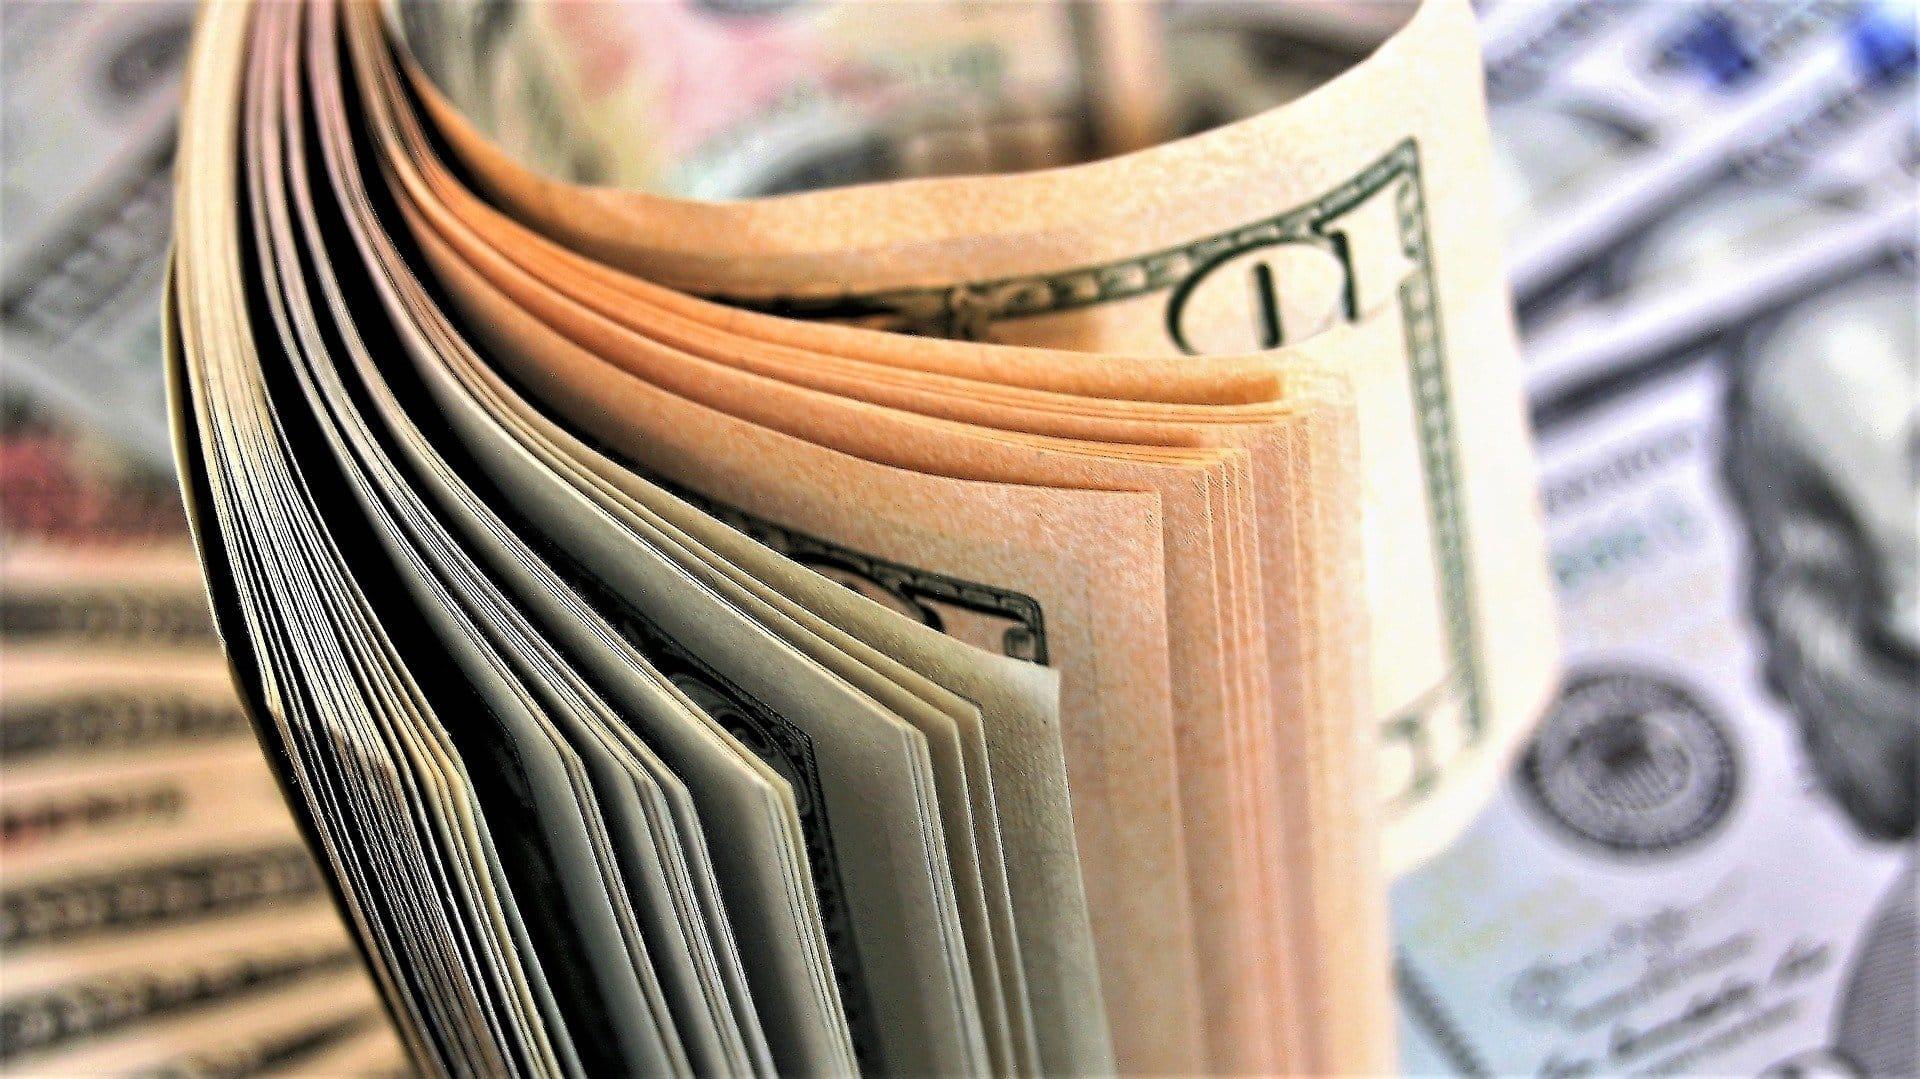 câștigați bani cu retragerea instantanee a banilor cel mai ușor venit din